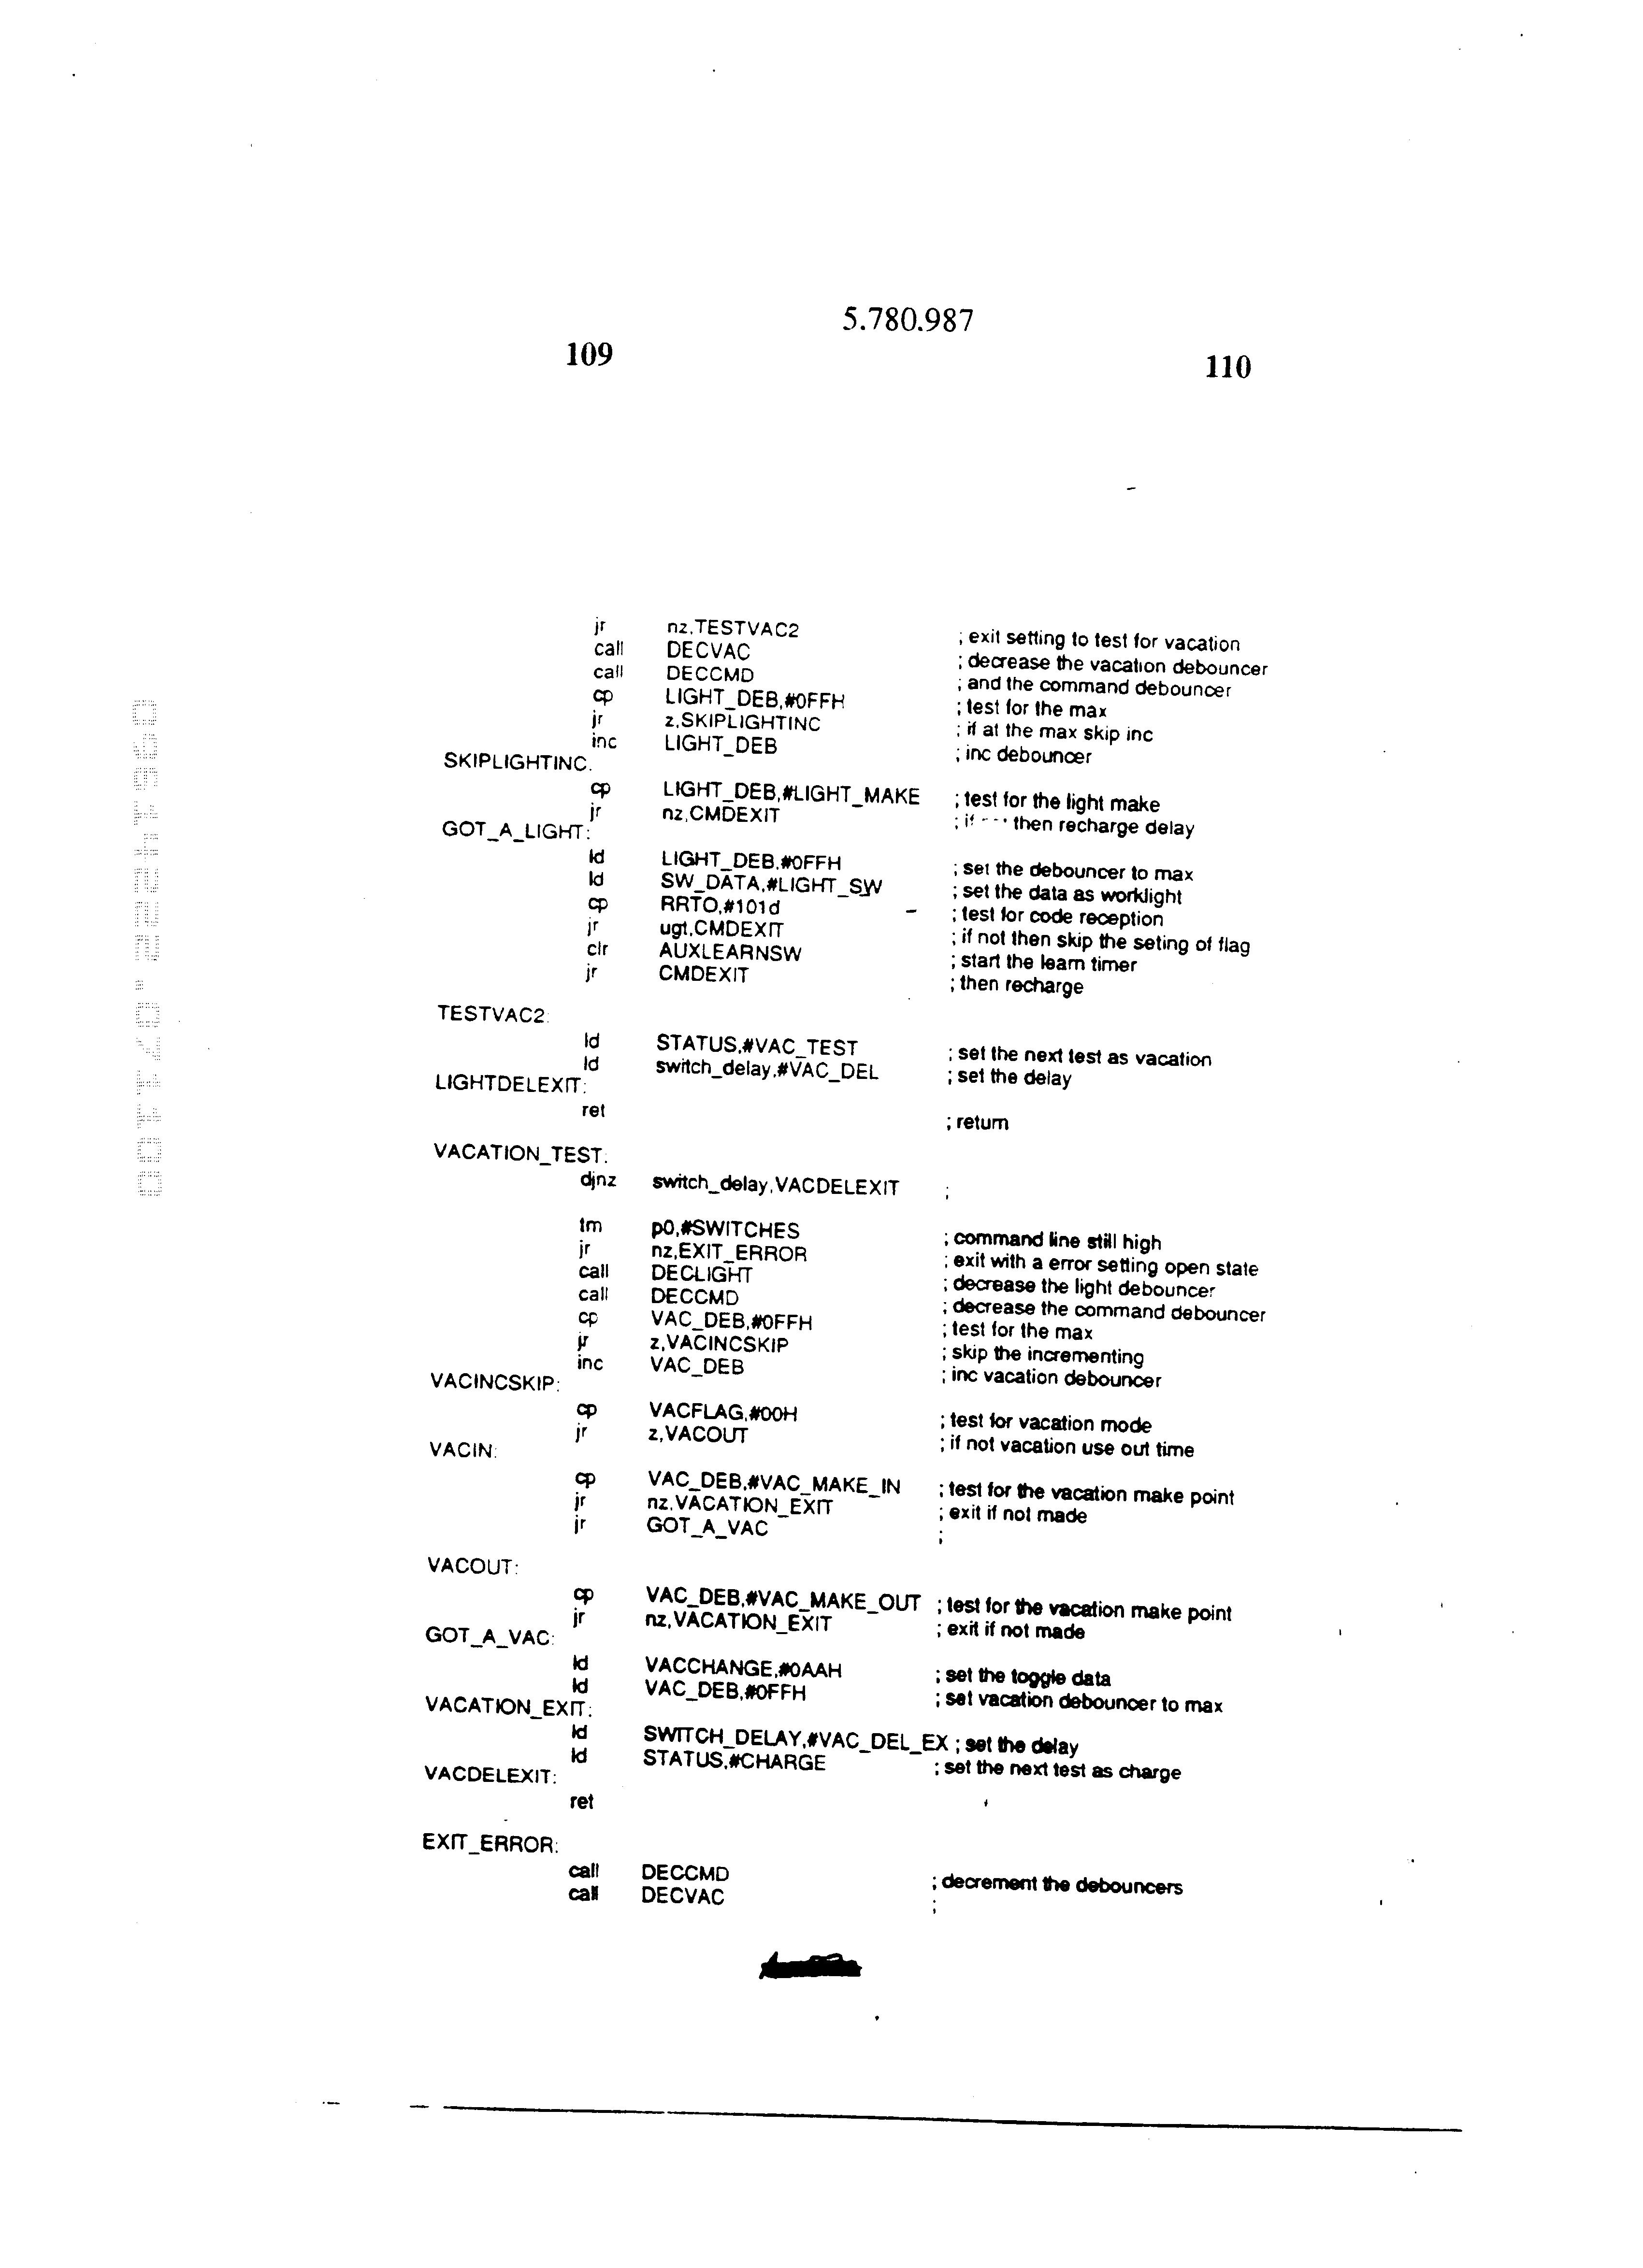 Figure USRE037784-20020709-P00052